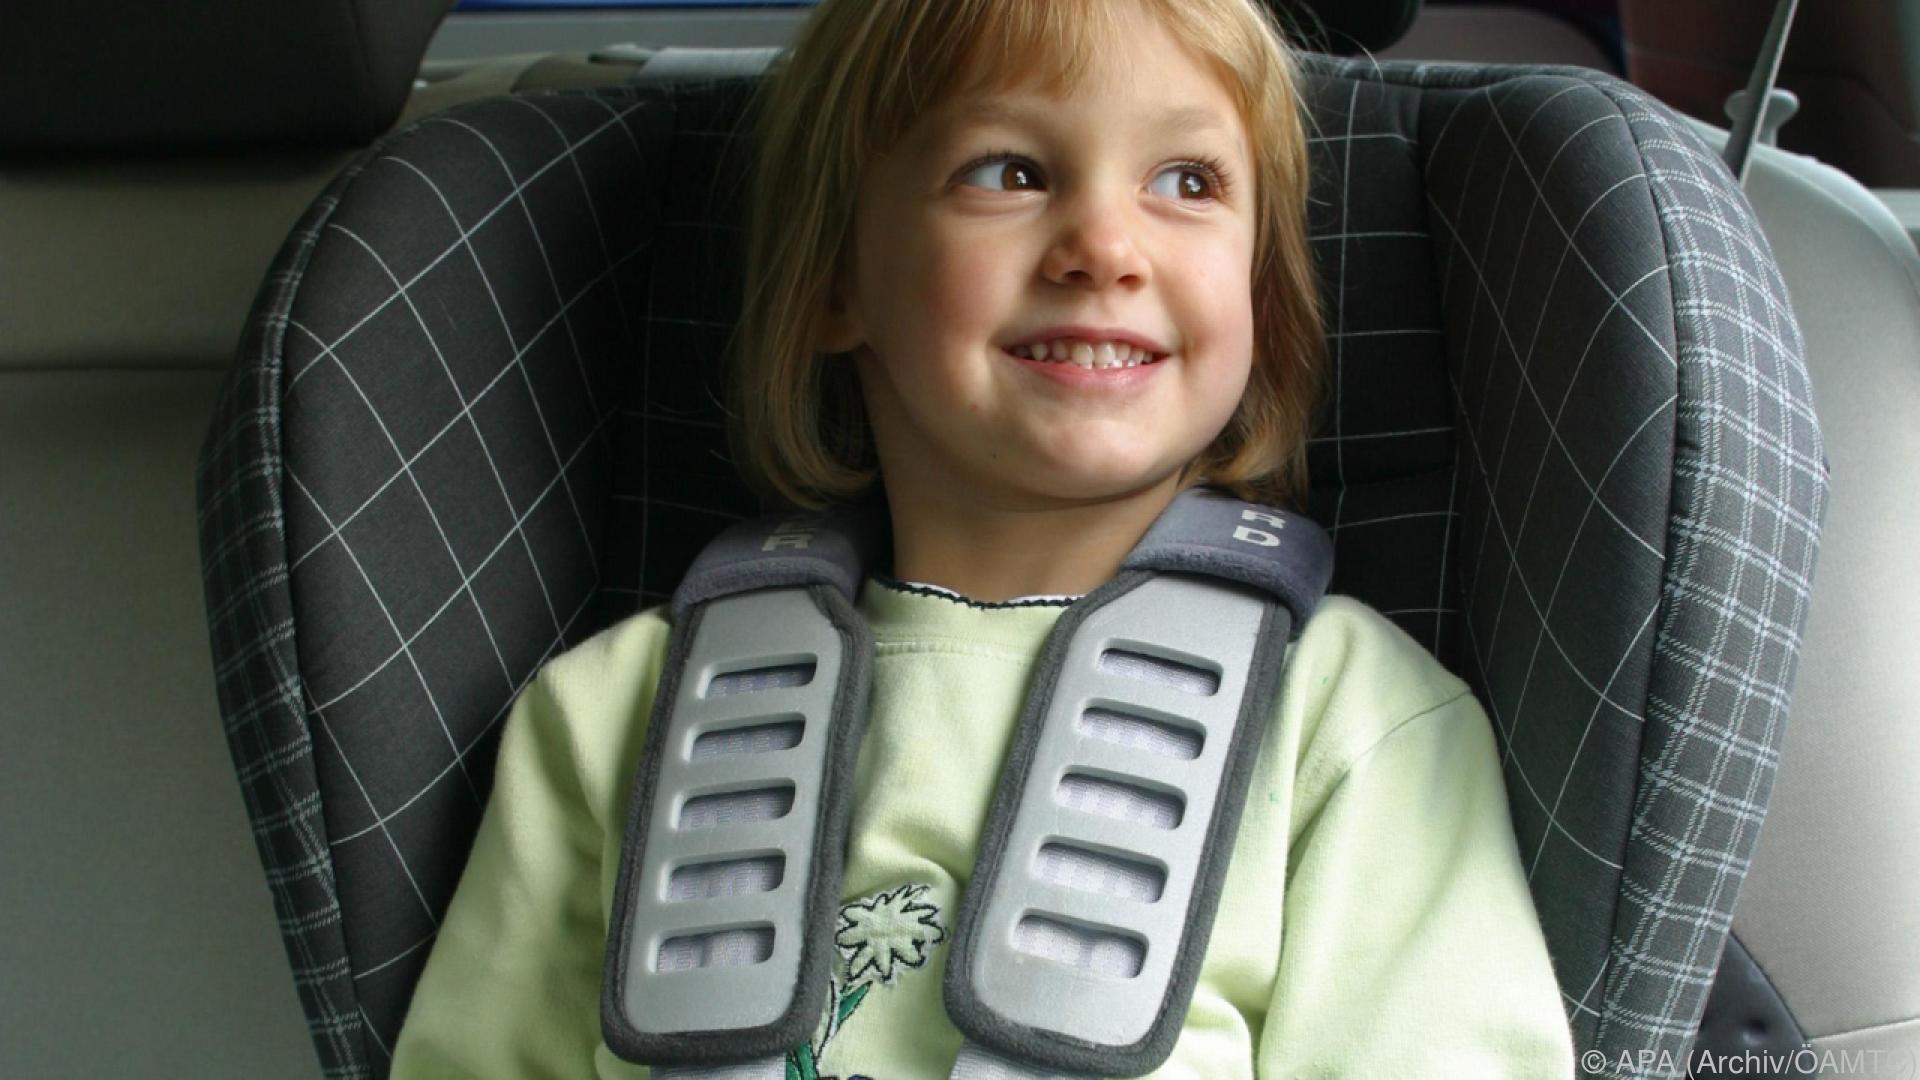 Gute Ergebnisse für viele Modelle im ÖAMTC-Kindersitztest